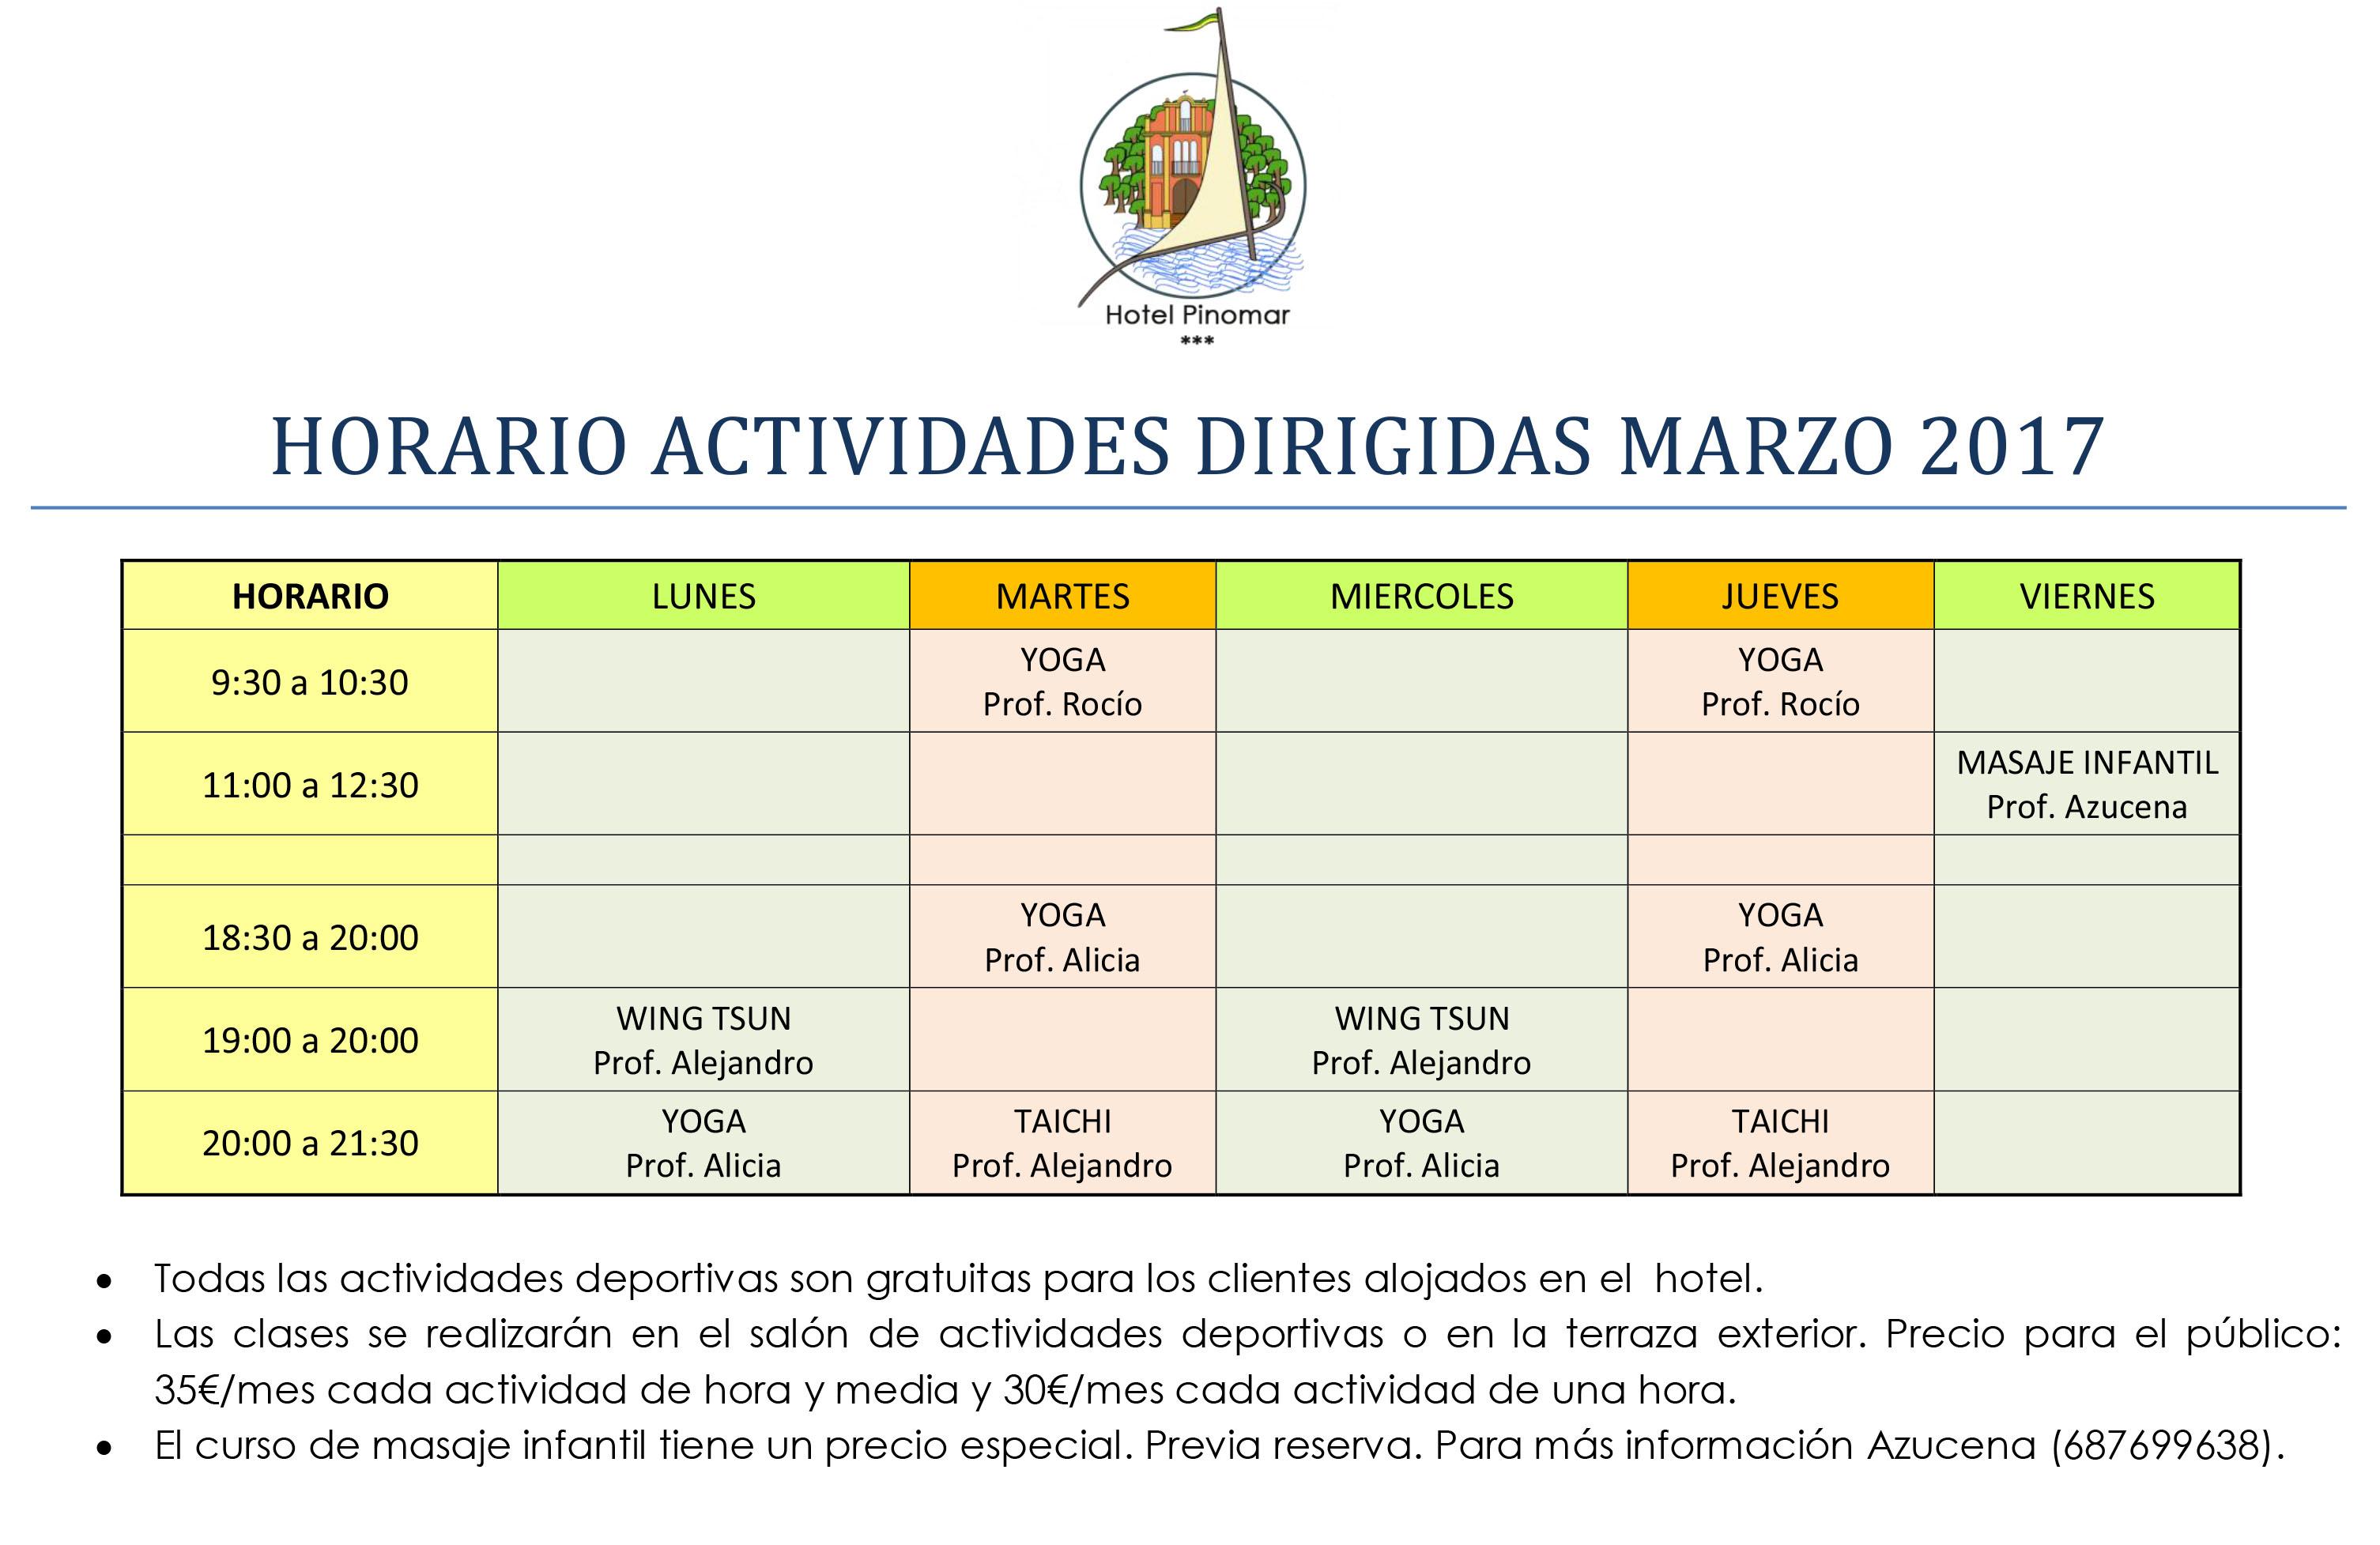 HORARIO ACTIVIDADES DIRIGIDAS MARZO 2017